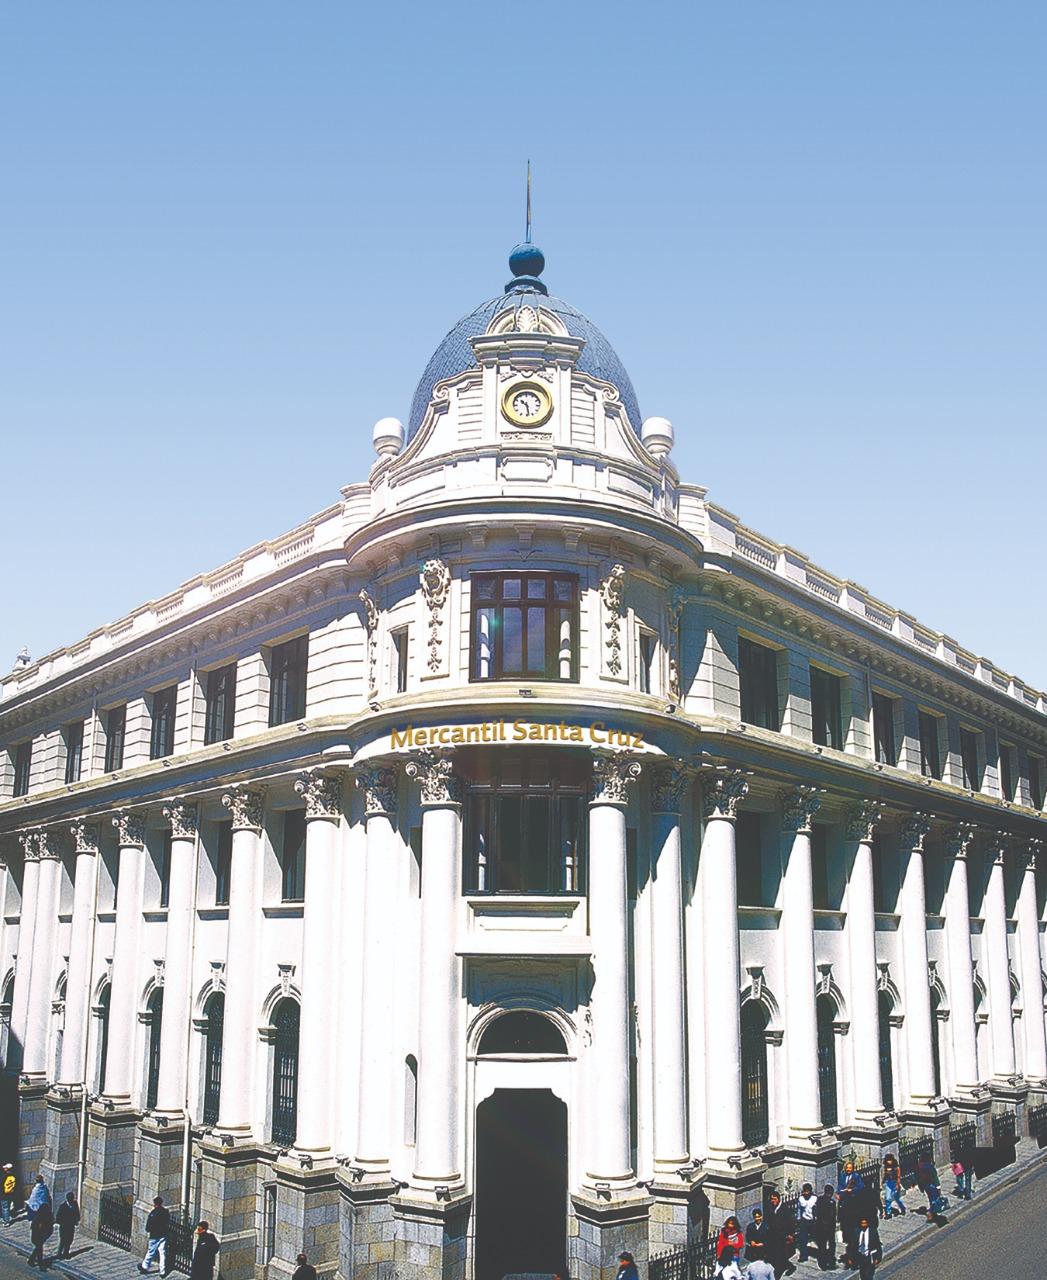 El Banco Mercantil Santa Cruz se encuentra entre los 100 bancos más grandes de Latinoamérica según el Ranking de Bancos 2020